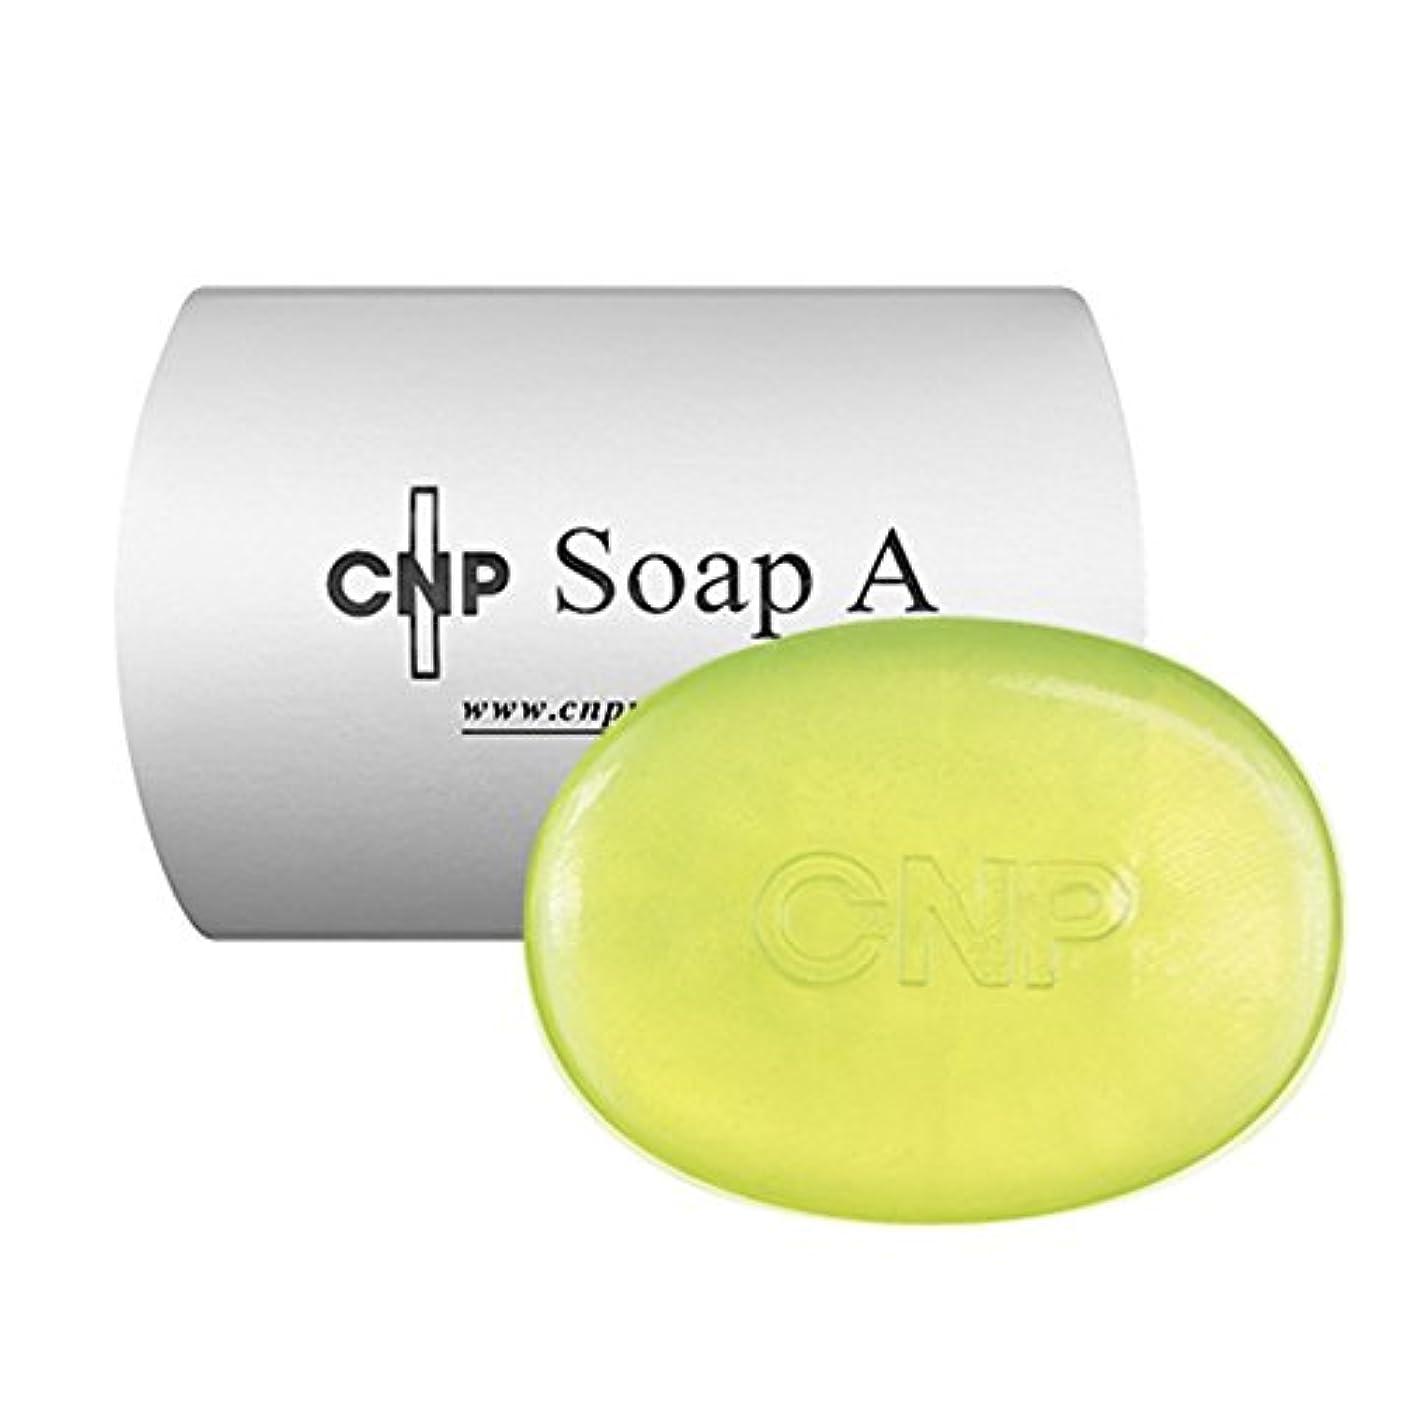 追加お酢しゃがむCNP Soap A チャアンドパク ソープ A [並行輸入品]